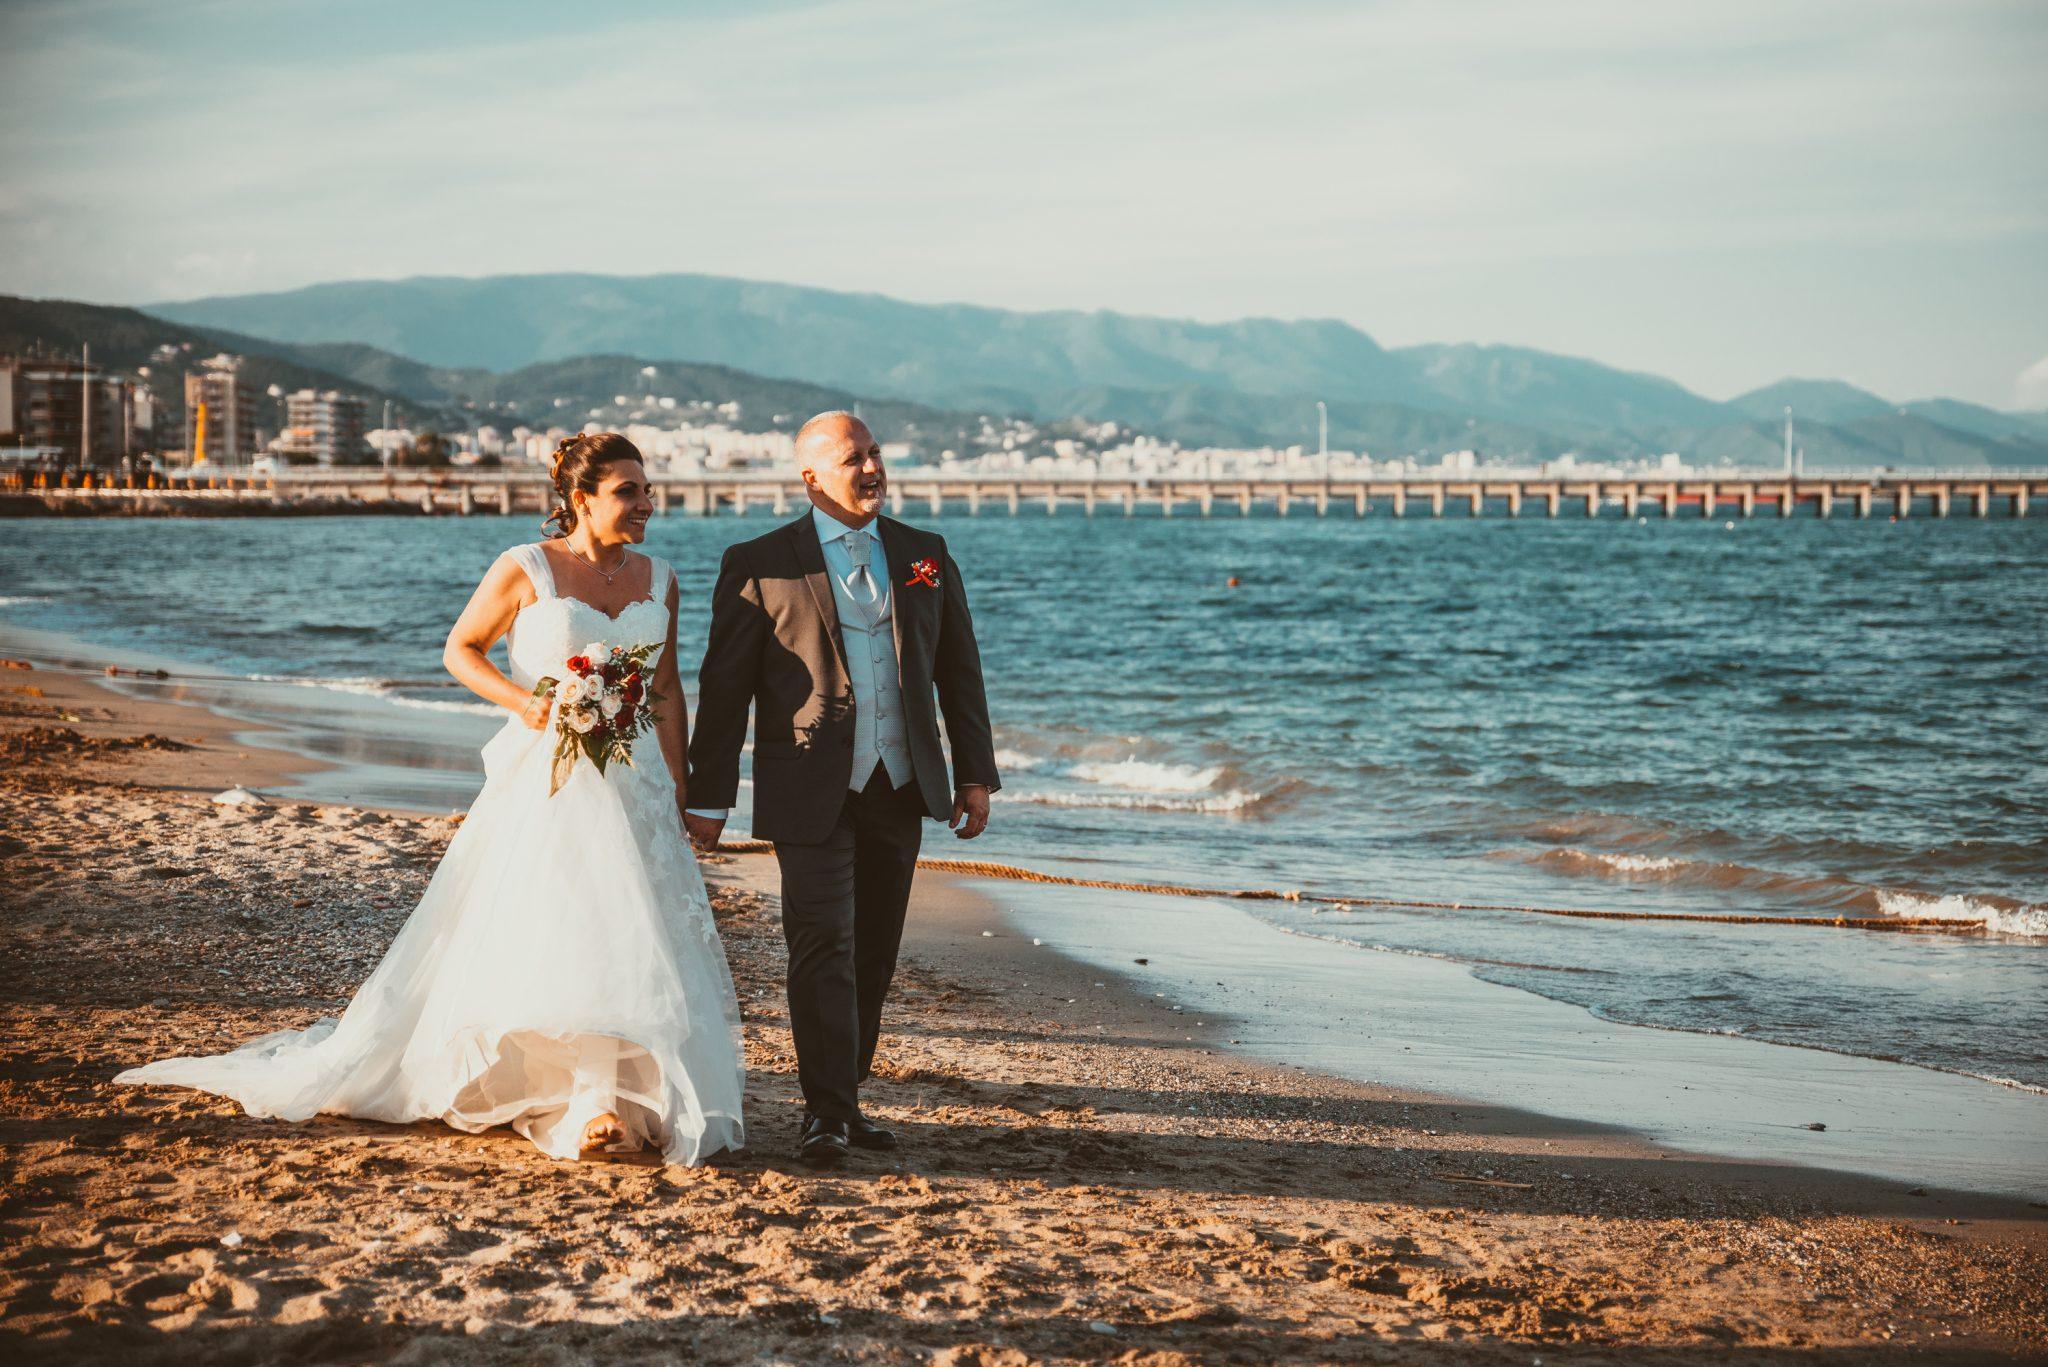 Passeggiata degli sposi in spiaggia in riva al mare